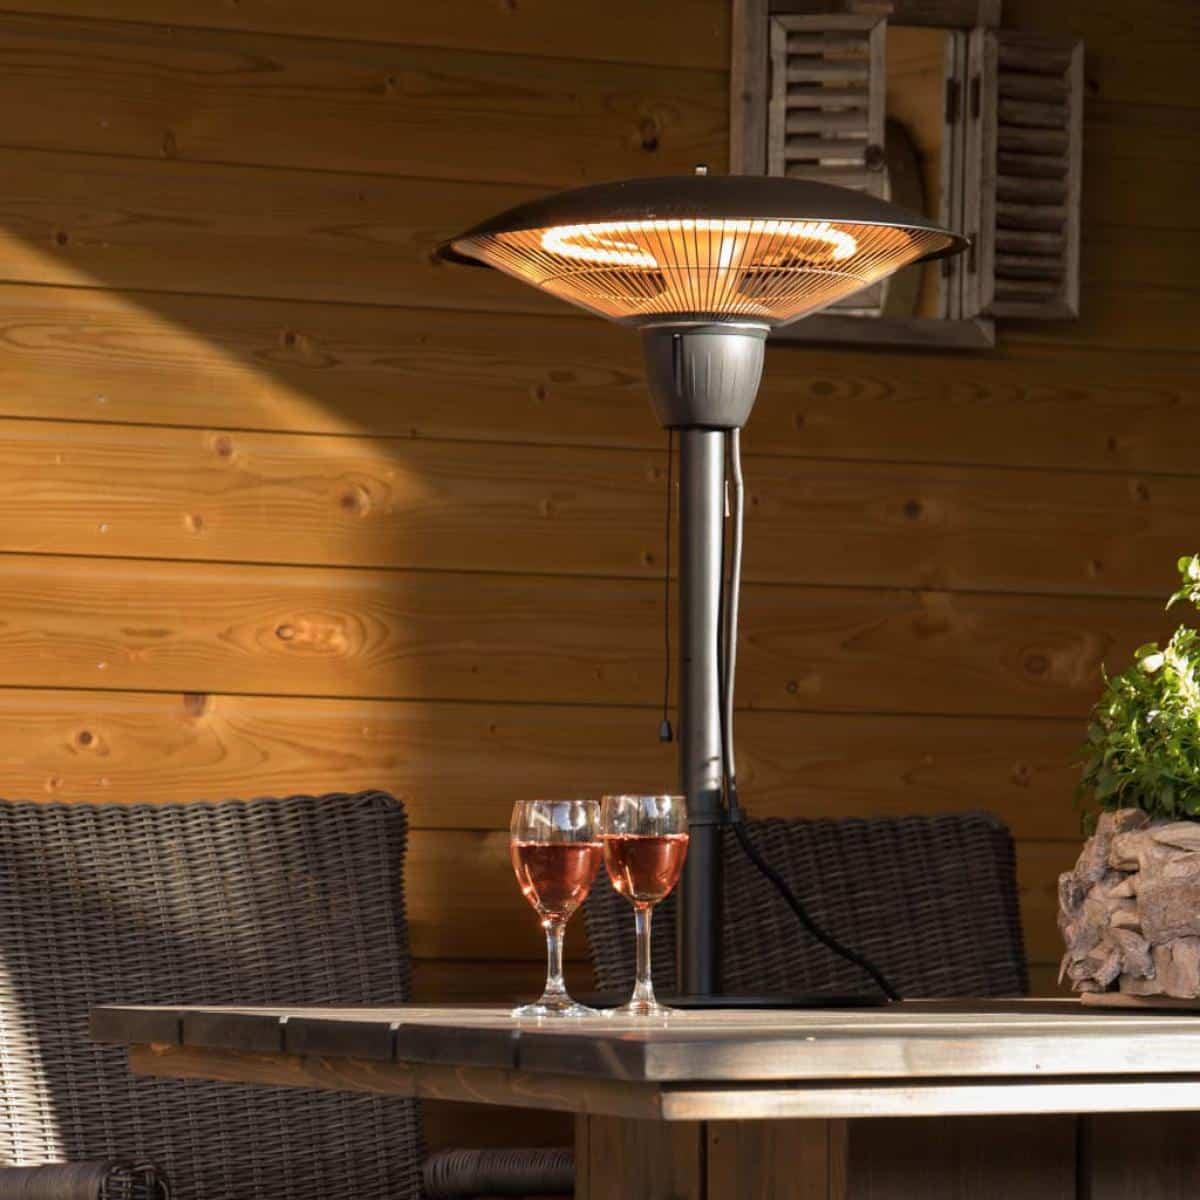 estufas de exterior para disfrutando de la terraza todo el ano 8